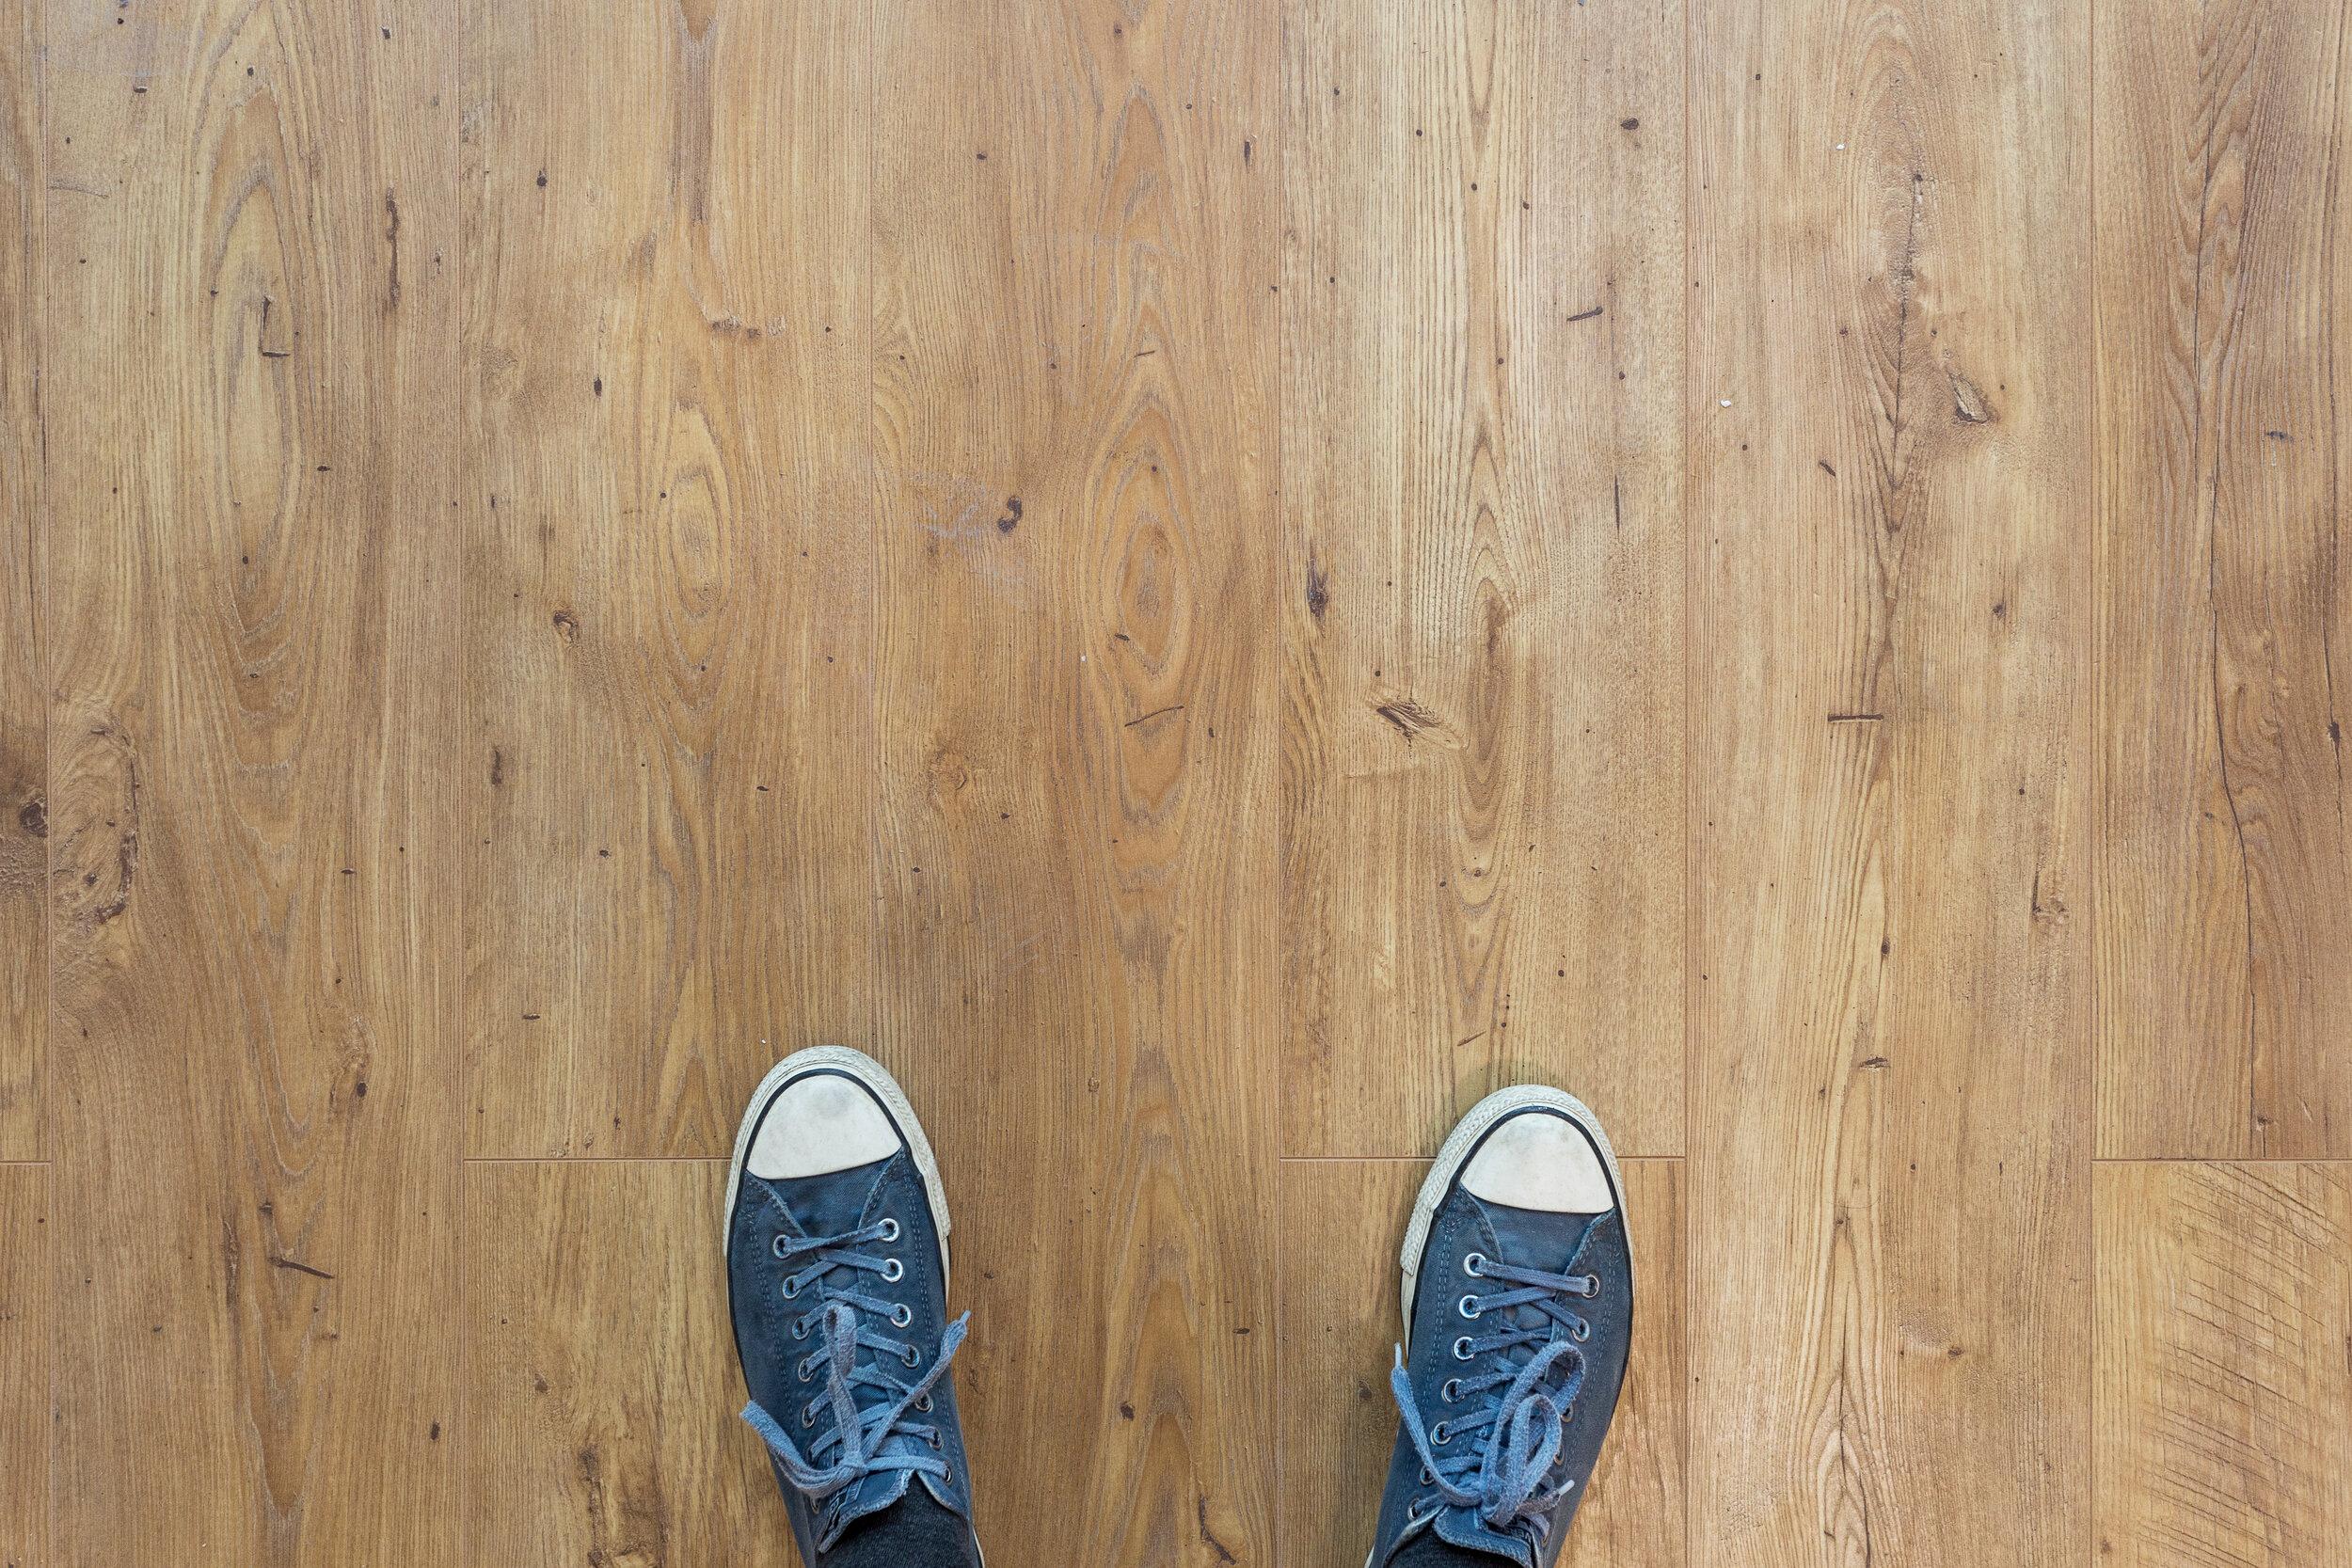 en investering som lönar sig - GOLVSTÄDNINGRena och blanka golv underlättar den dagliga städningen. Ett välskött golv ger även ett professionellt intryck av ditt företag. Vi har specialistkunskap för att ta hand om alla typer av golv.